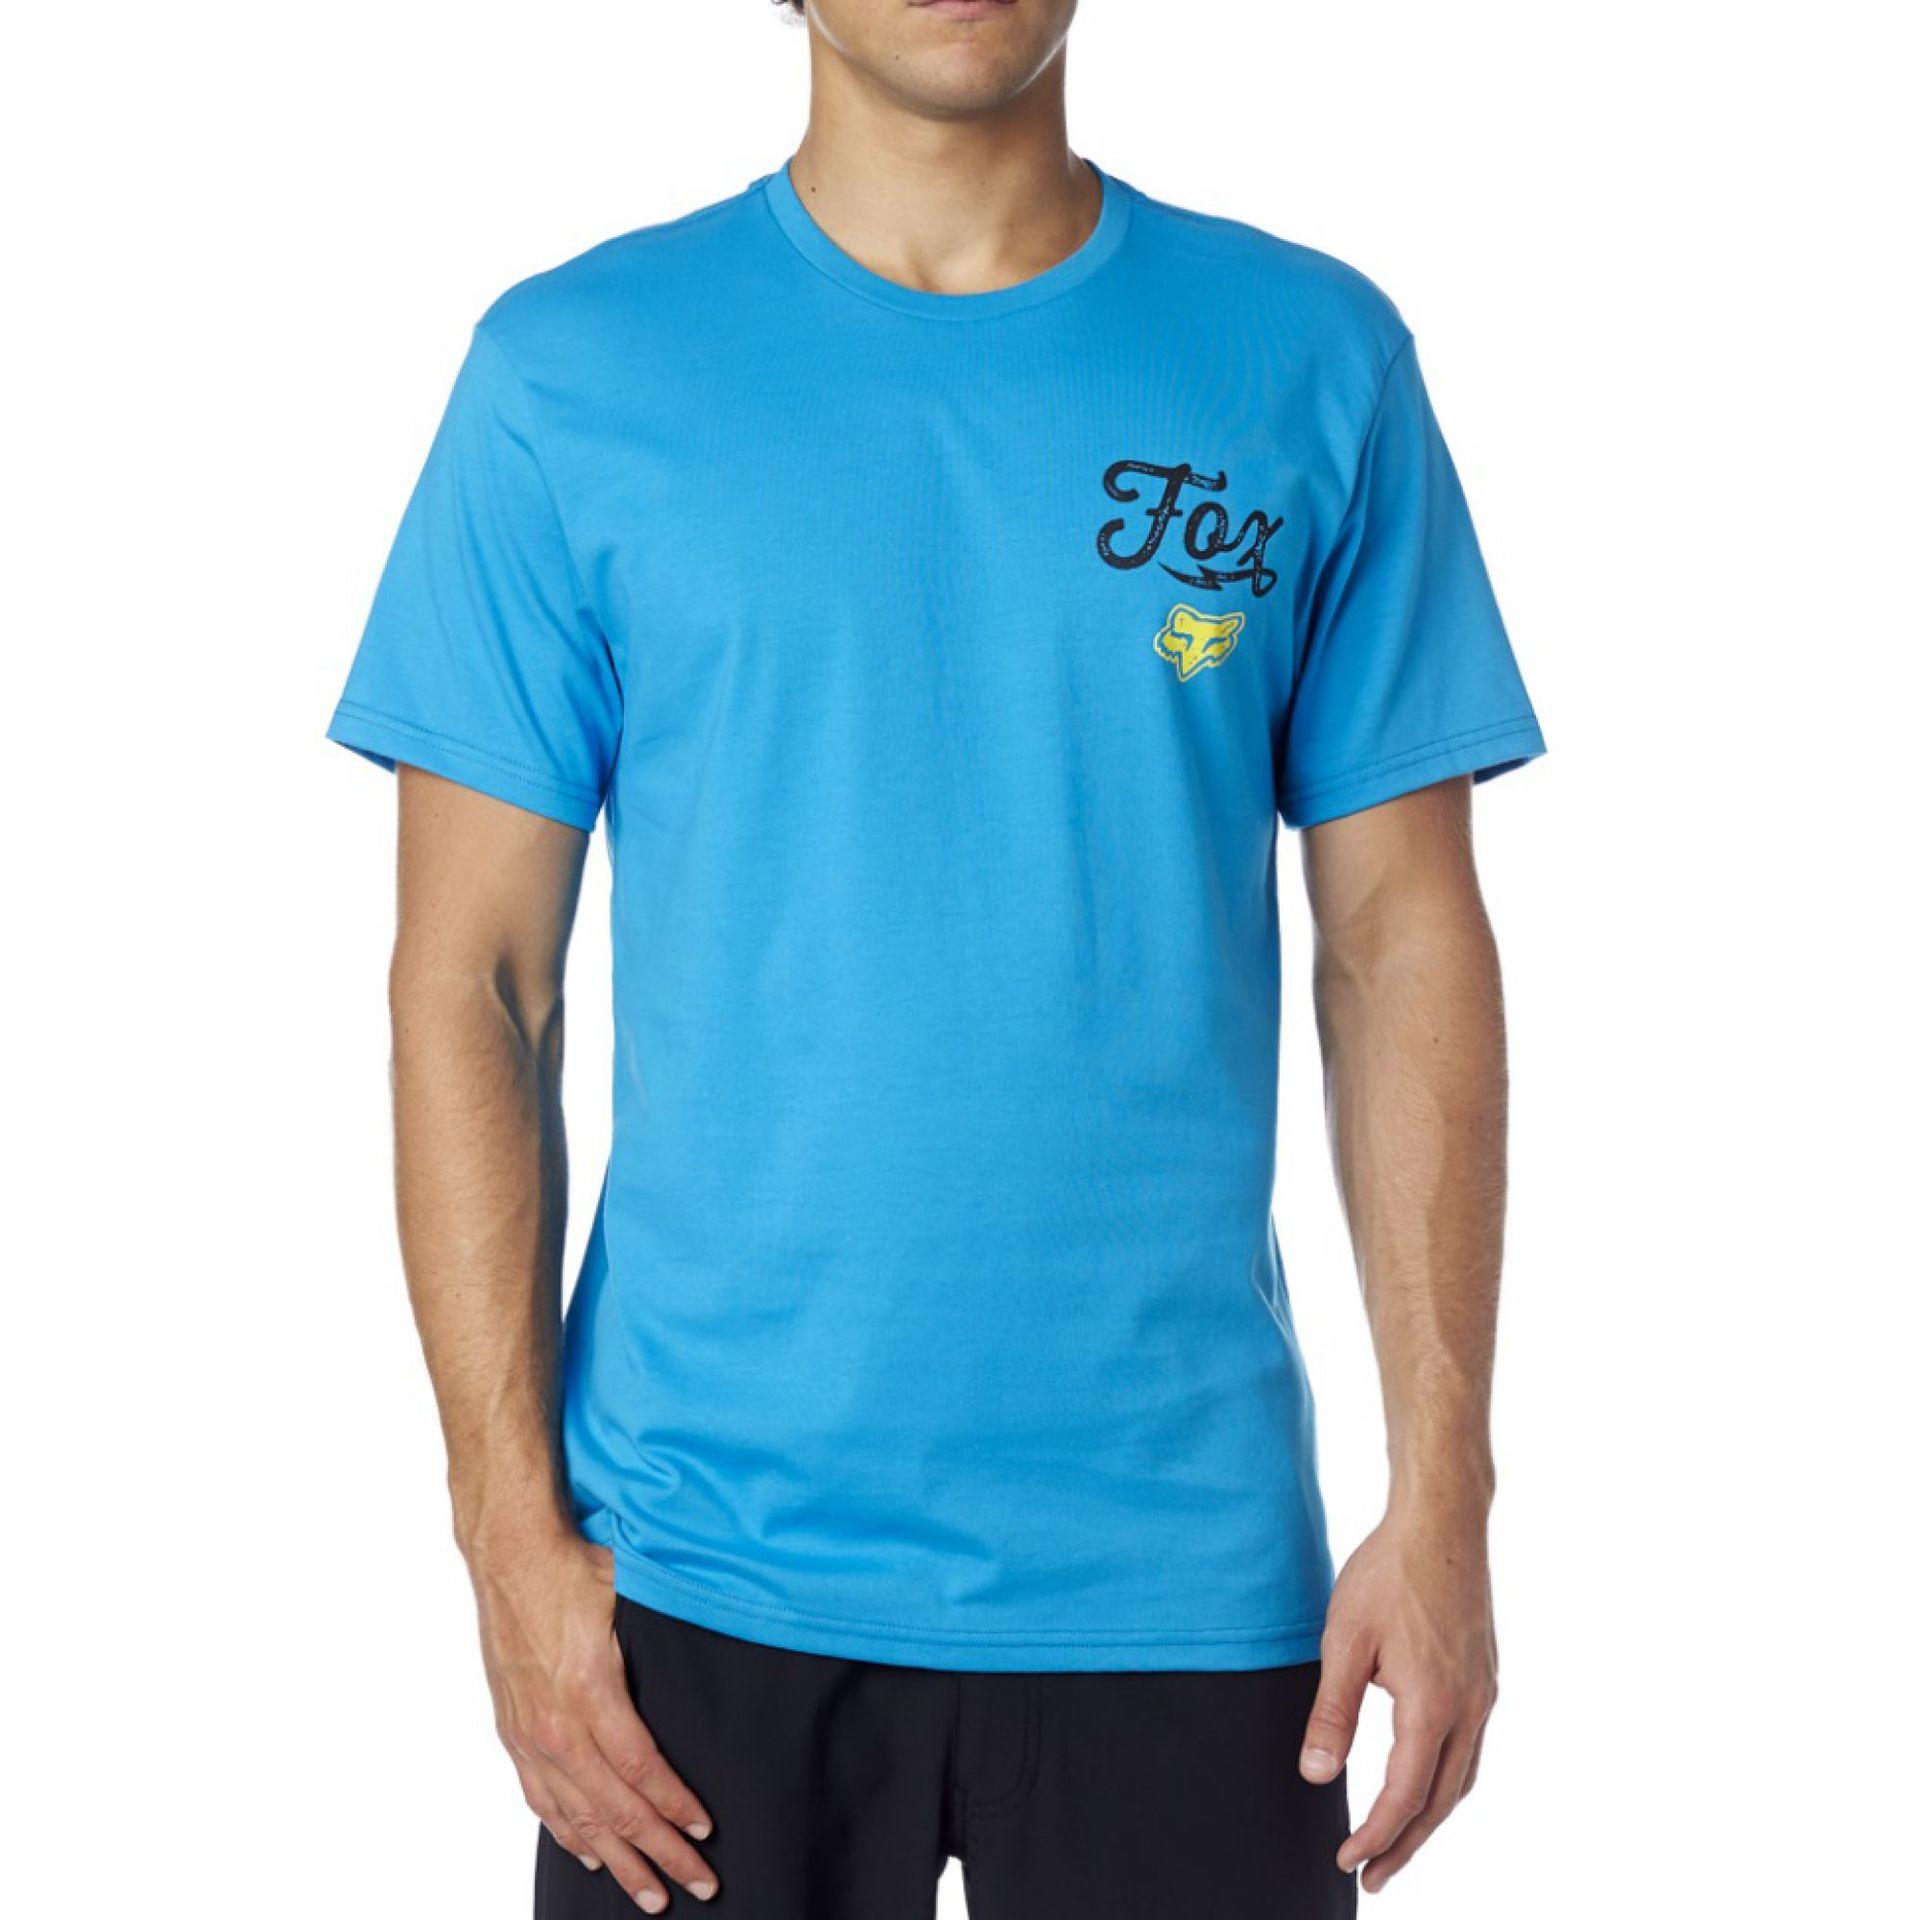 T-SHIRT FOXHEAD DIRTQUAKE ELECTRIC BLUE